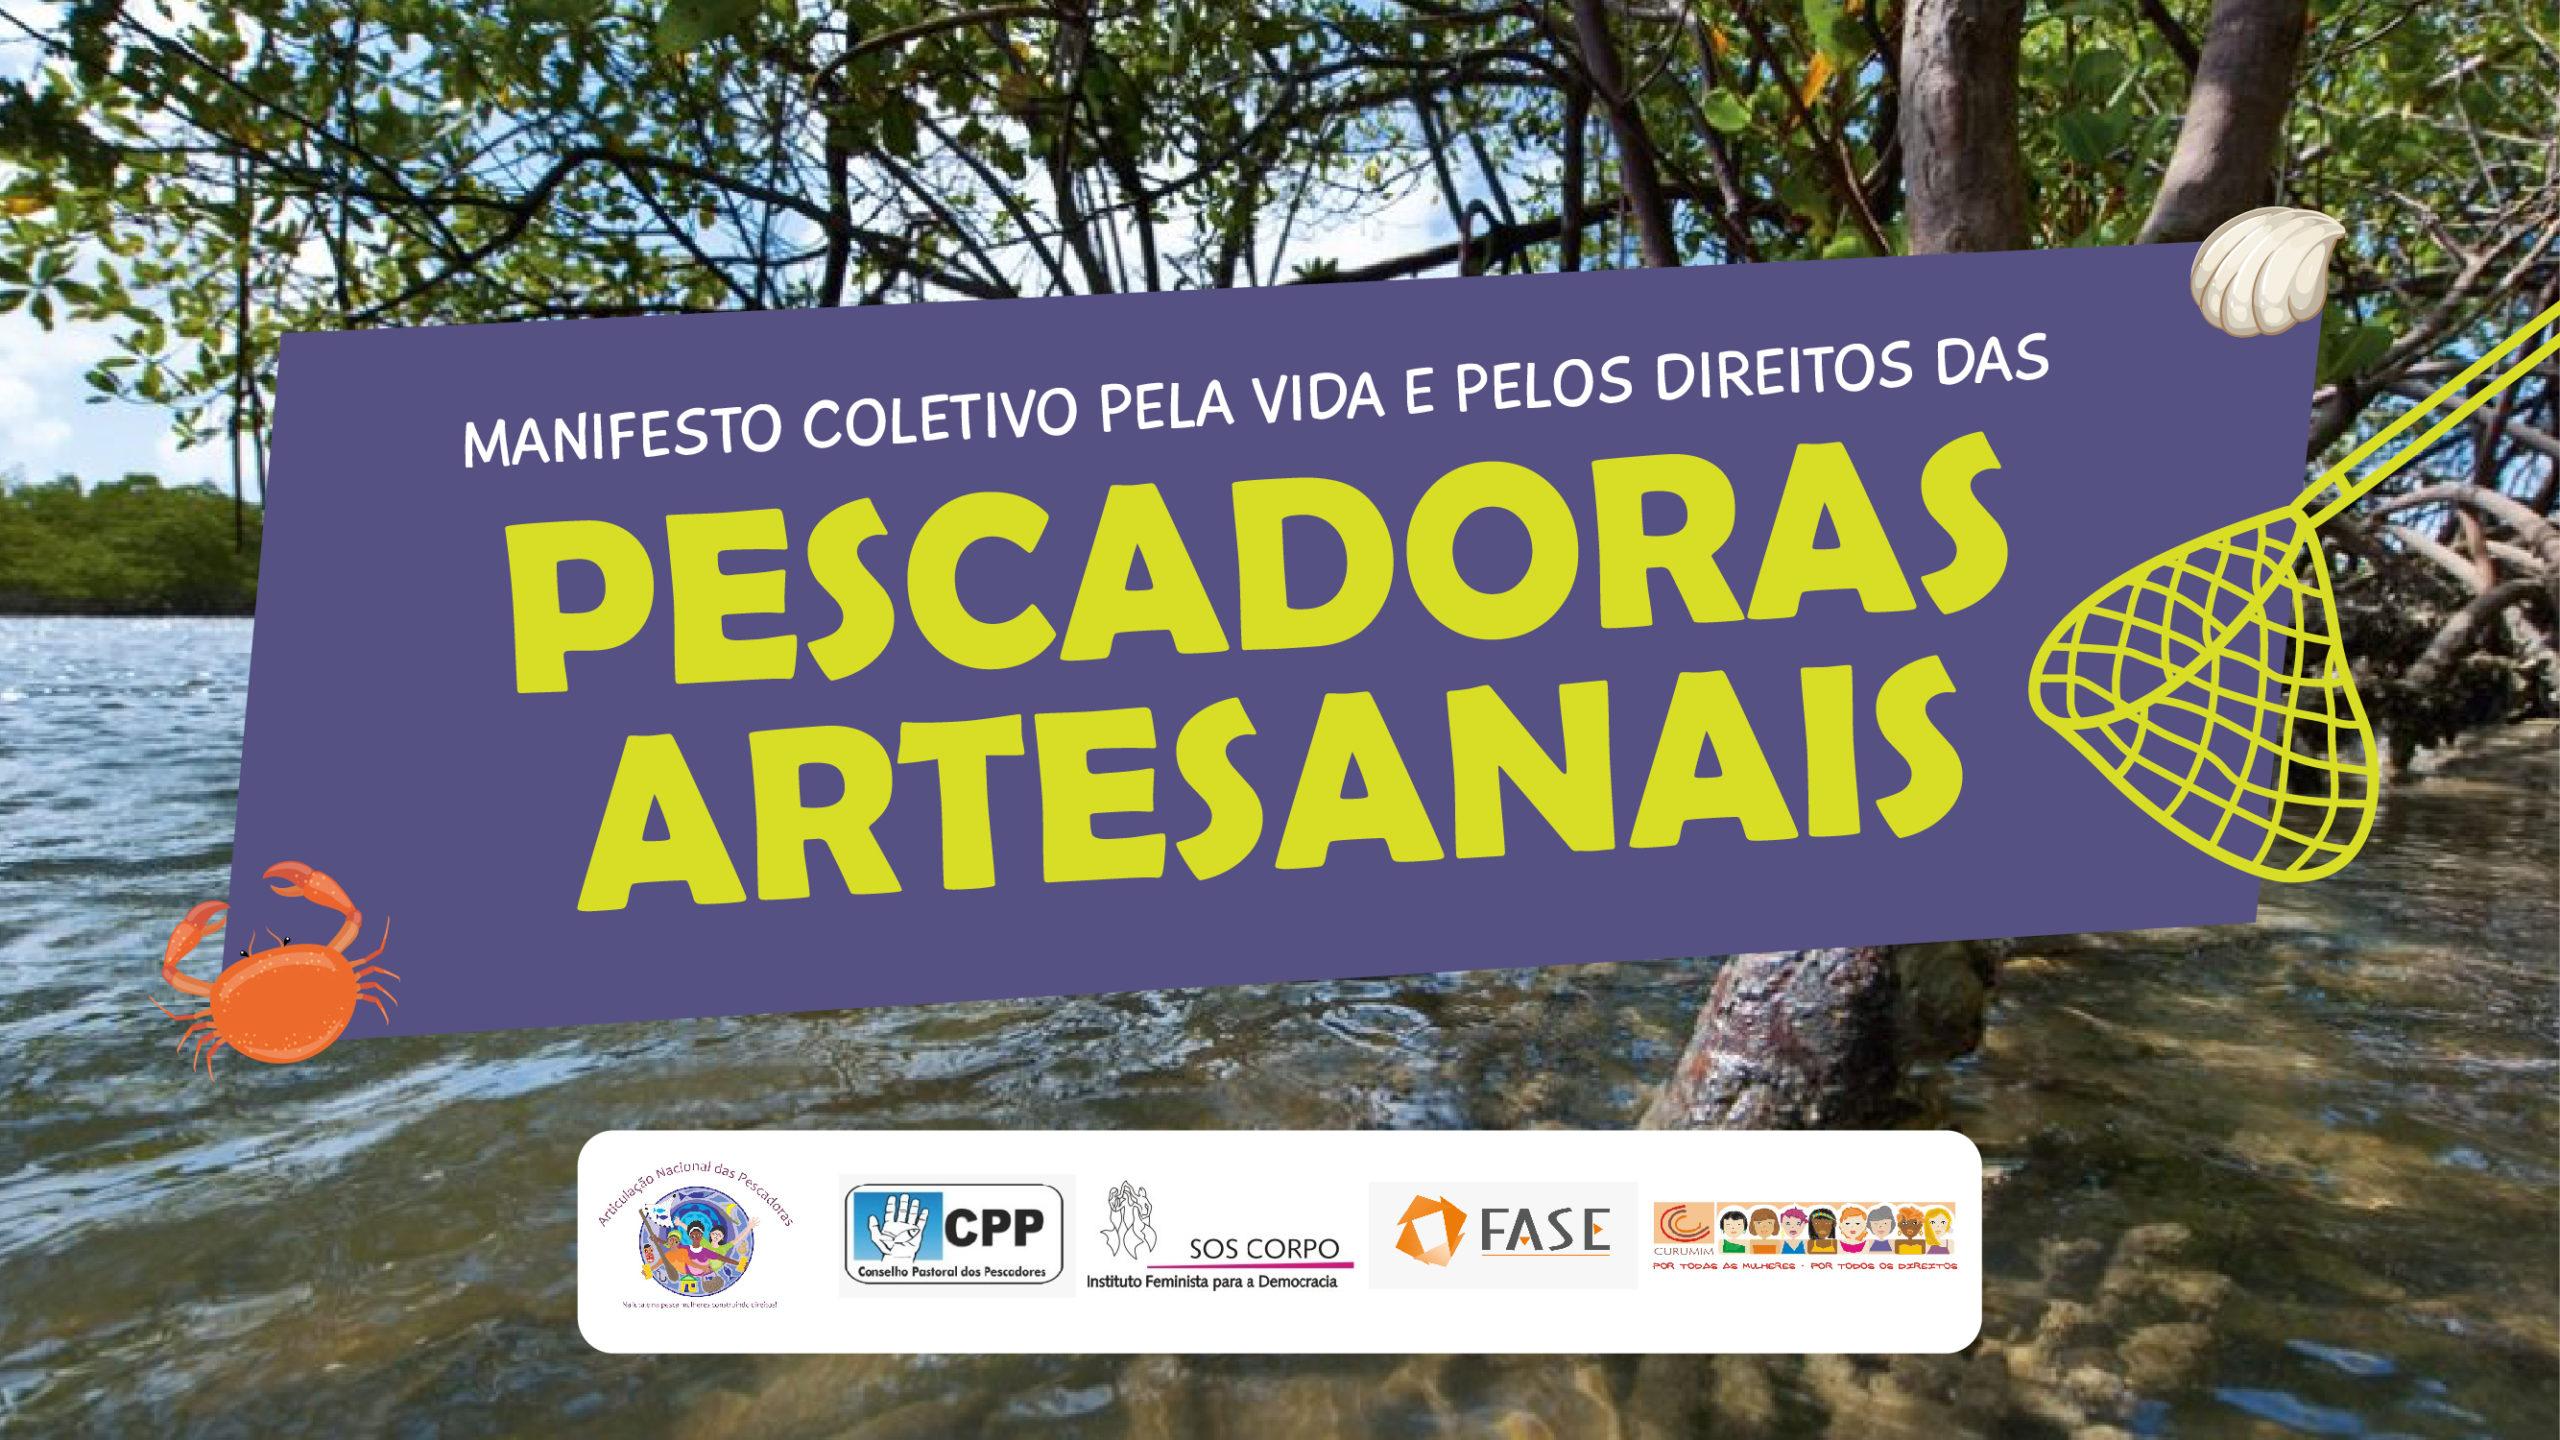 Assine o MANIFESTO PELA VIDA E PELOS DIREITOS DAS PESCADORAS ARTESANAIS!